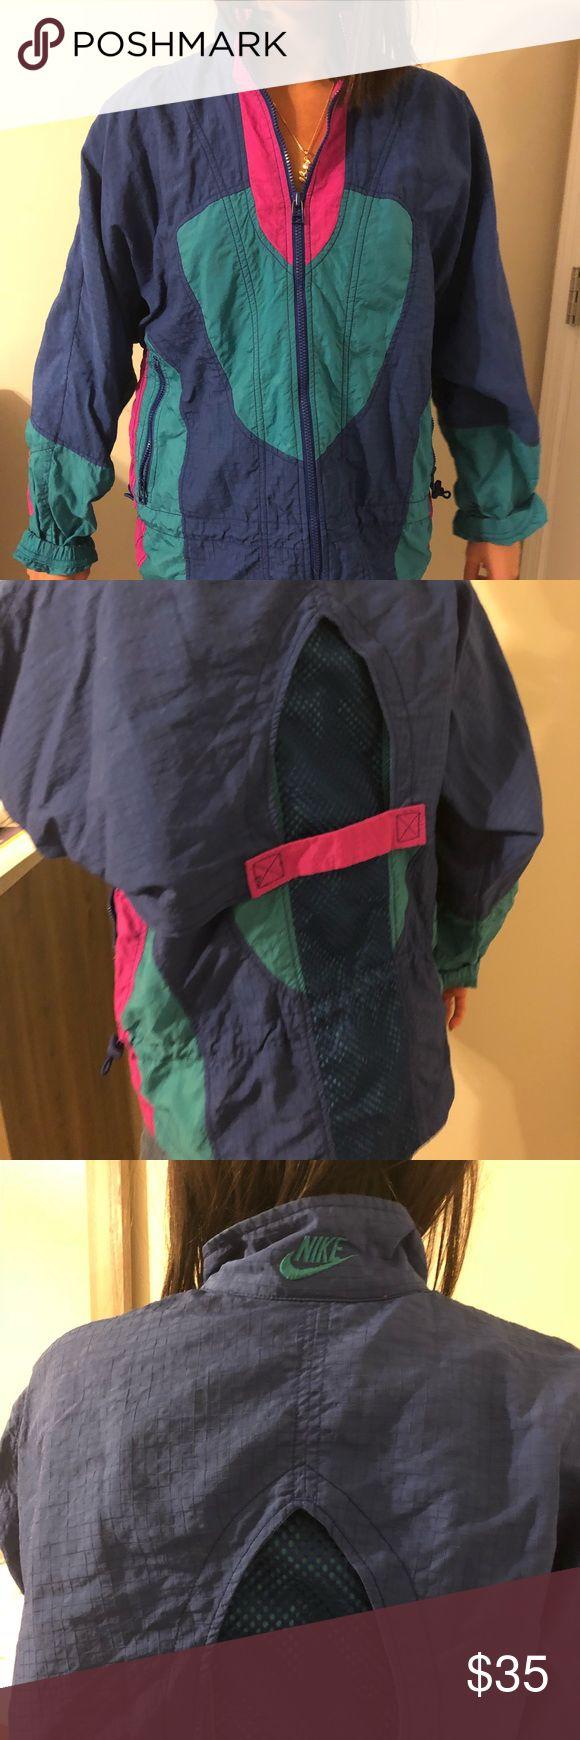 Vintage Nike Jacket Vintage Nike Jacket Teal, Blue, Magenta. Lightweight with detailed back Nike Jackets & Coats